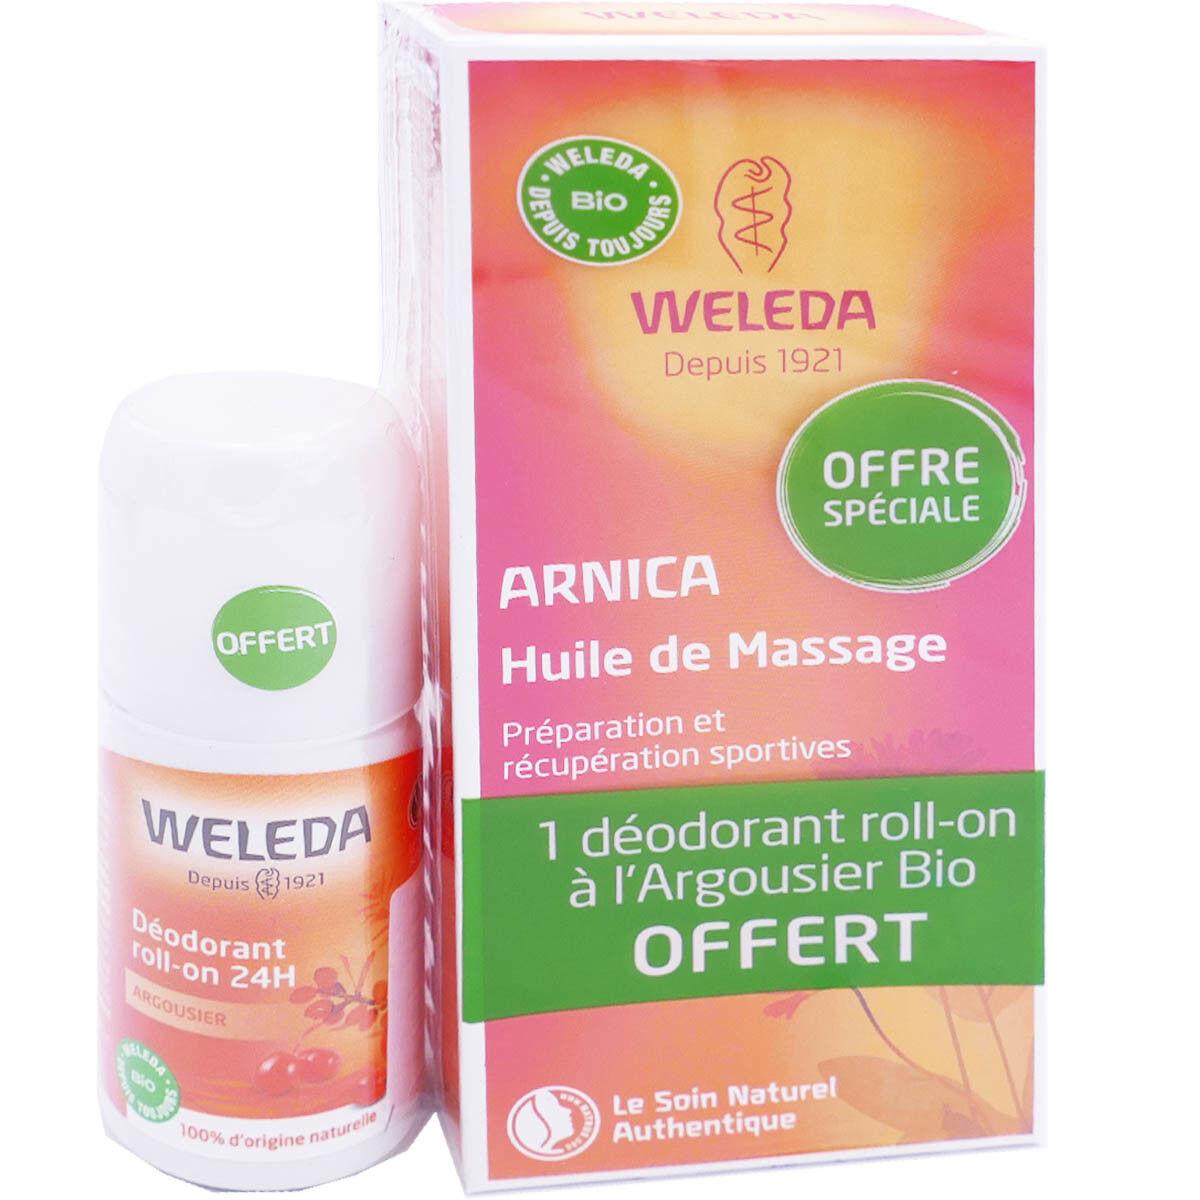 WELEDA Cadeau weleda arnica huile de massage 200ml + dÉodorant 50ml